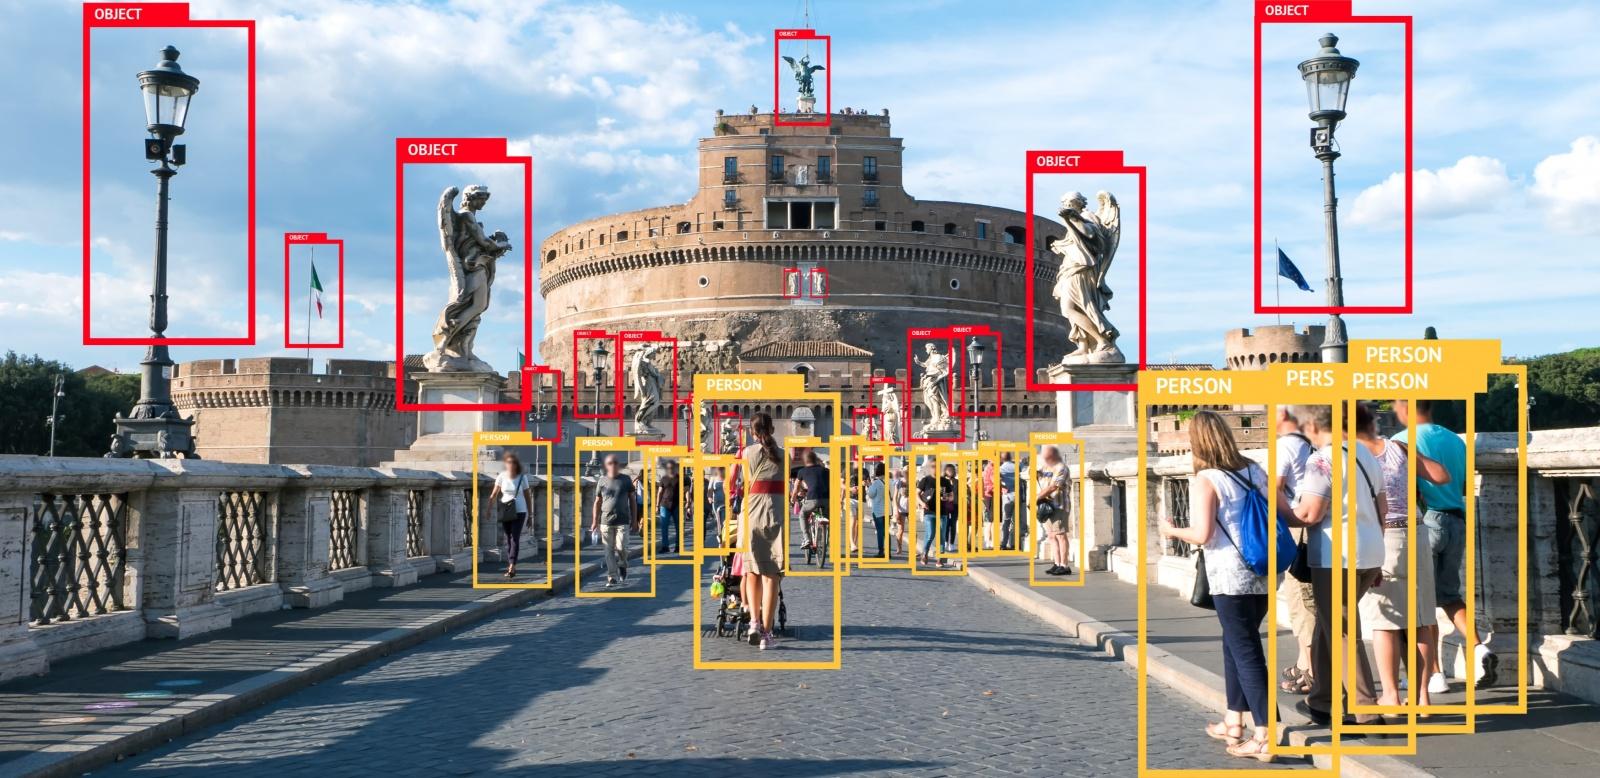 Вижу, значит существую: обзор Deep Learning в Computer Vision (часть 2) - 3